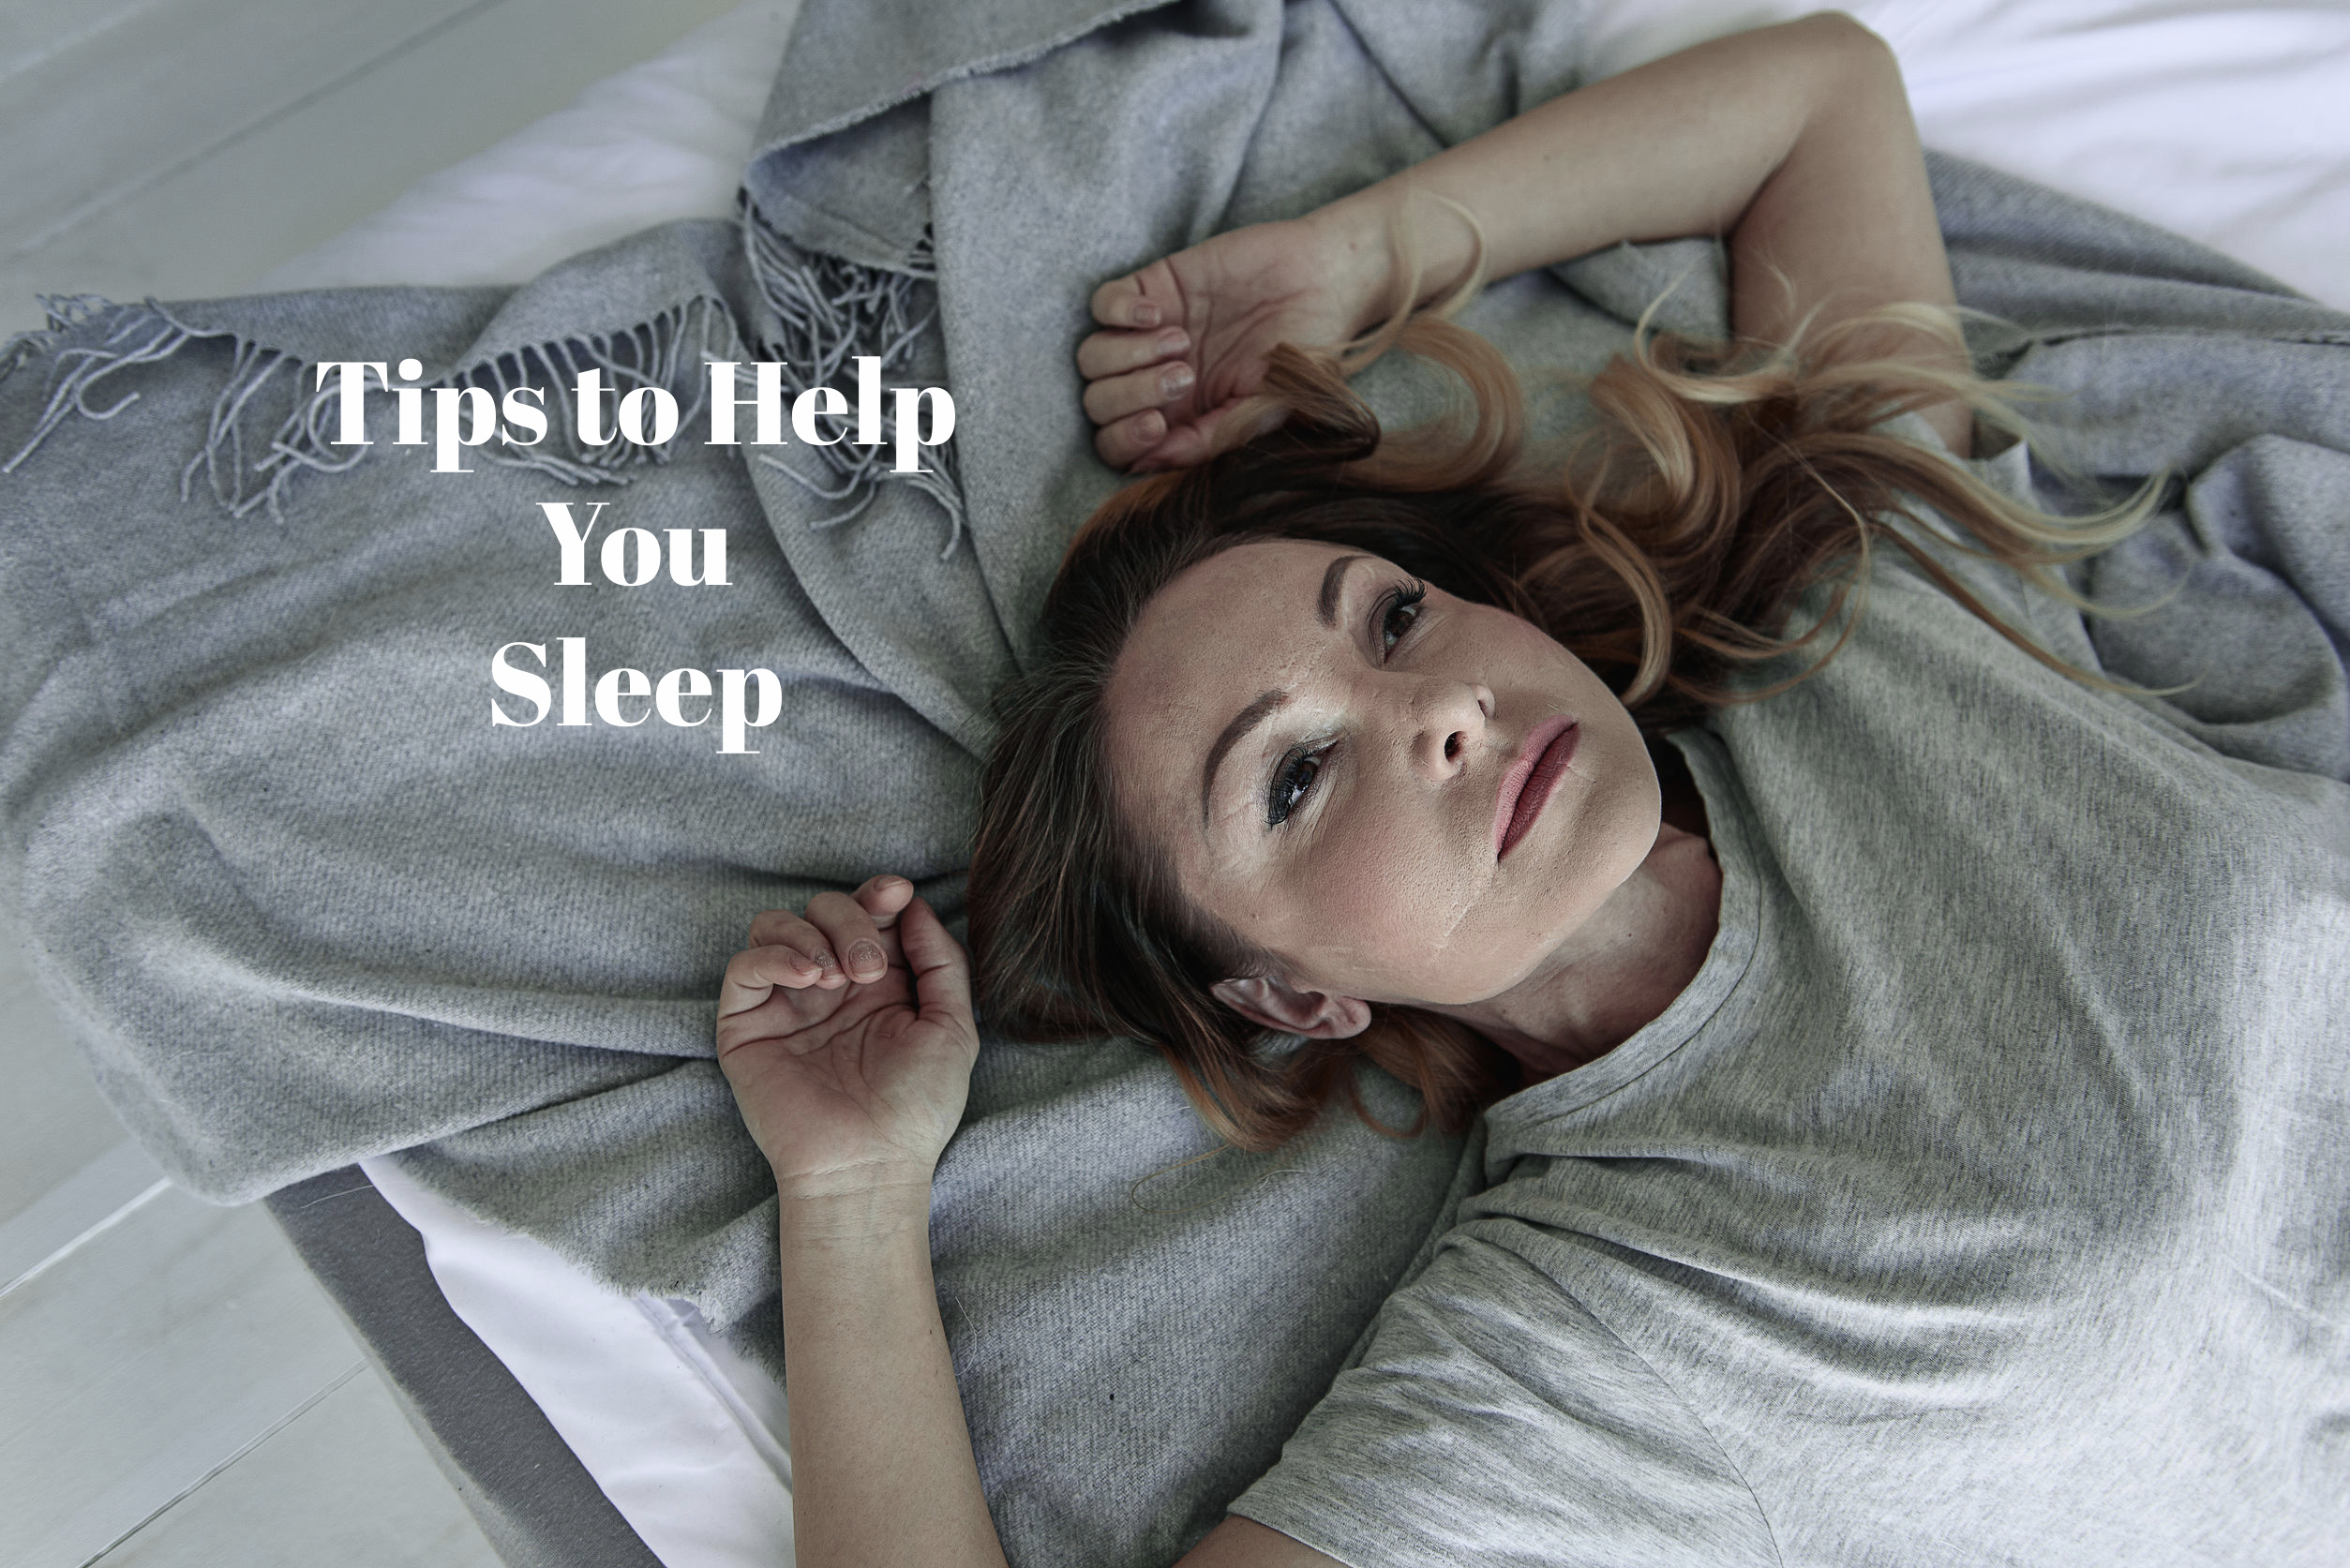 tips to help you sleep